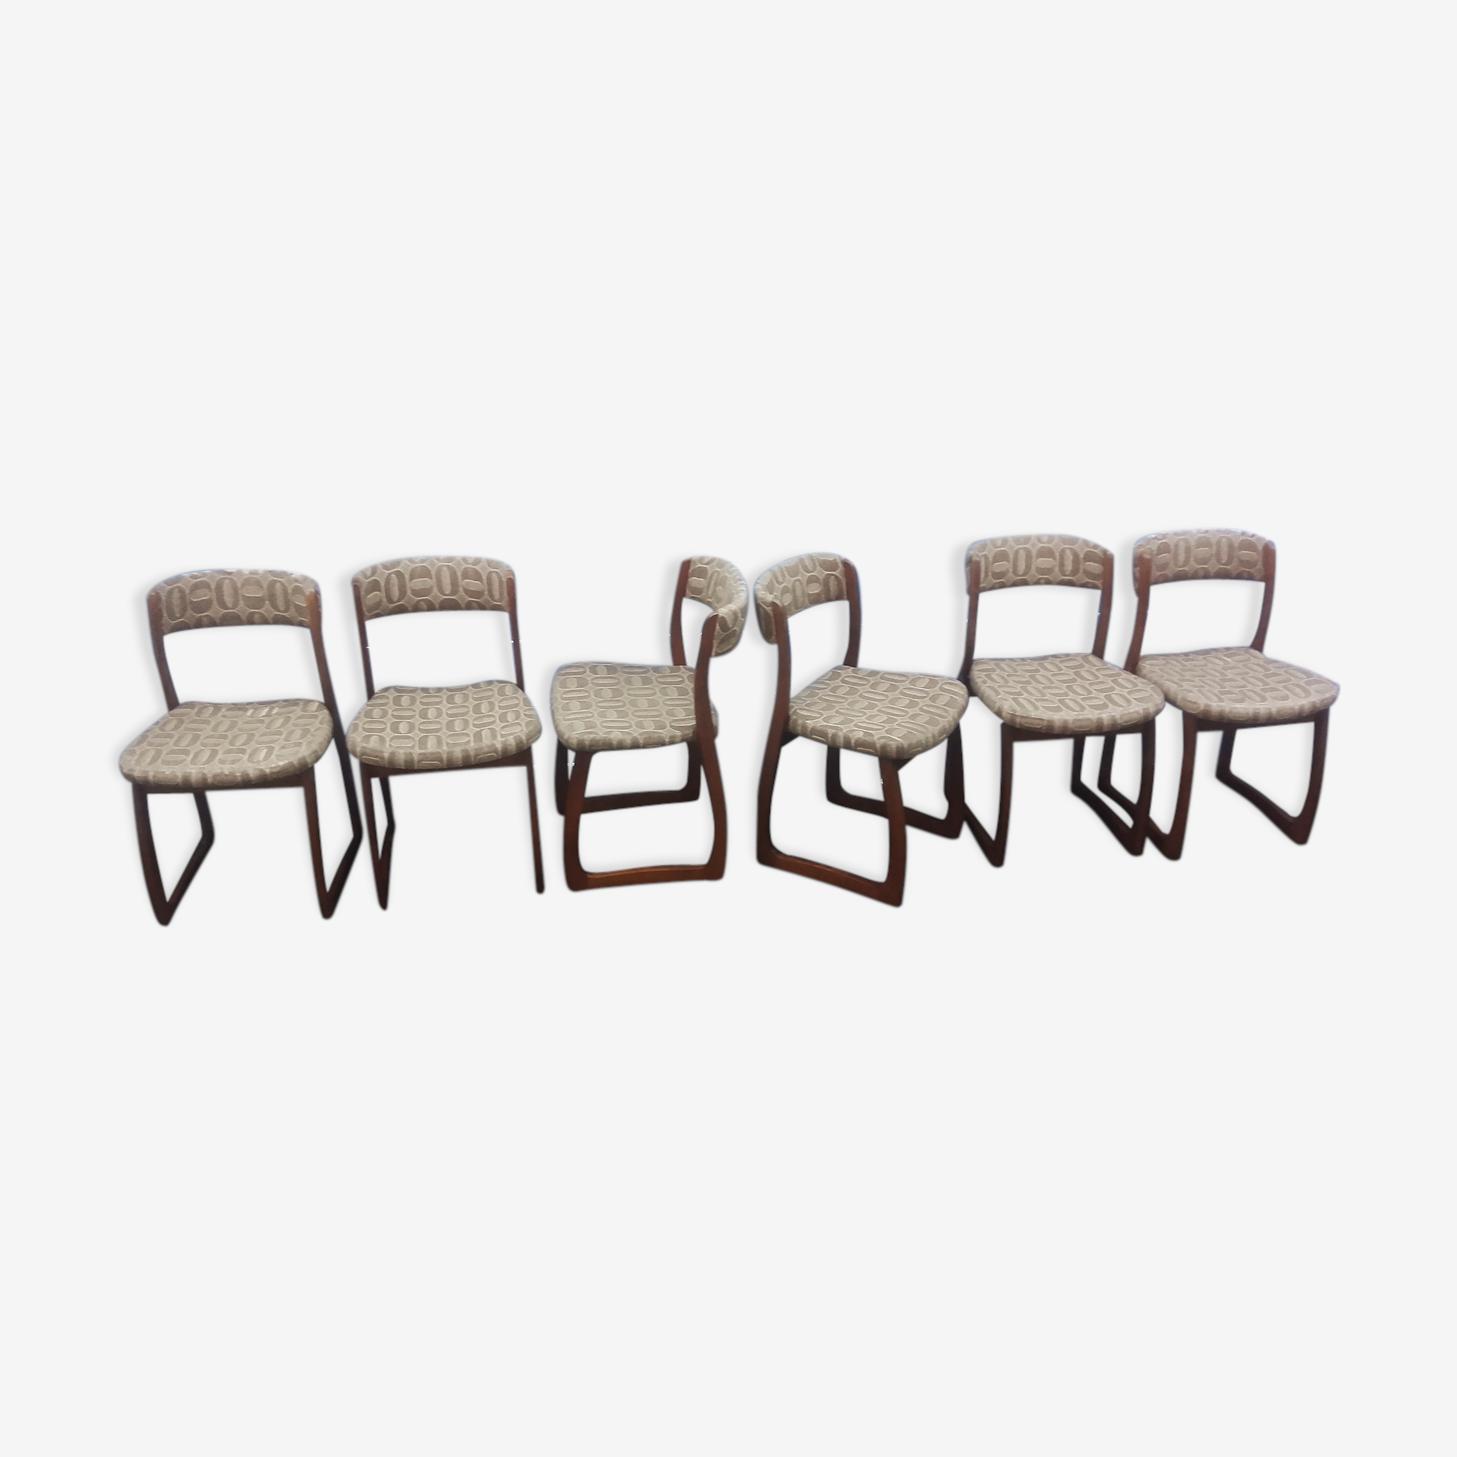 Suite de 6 chaises traîneau désignées par Self en bois